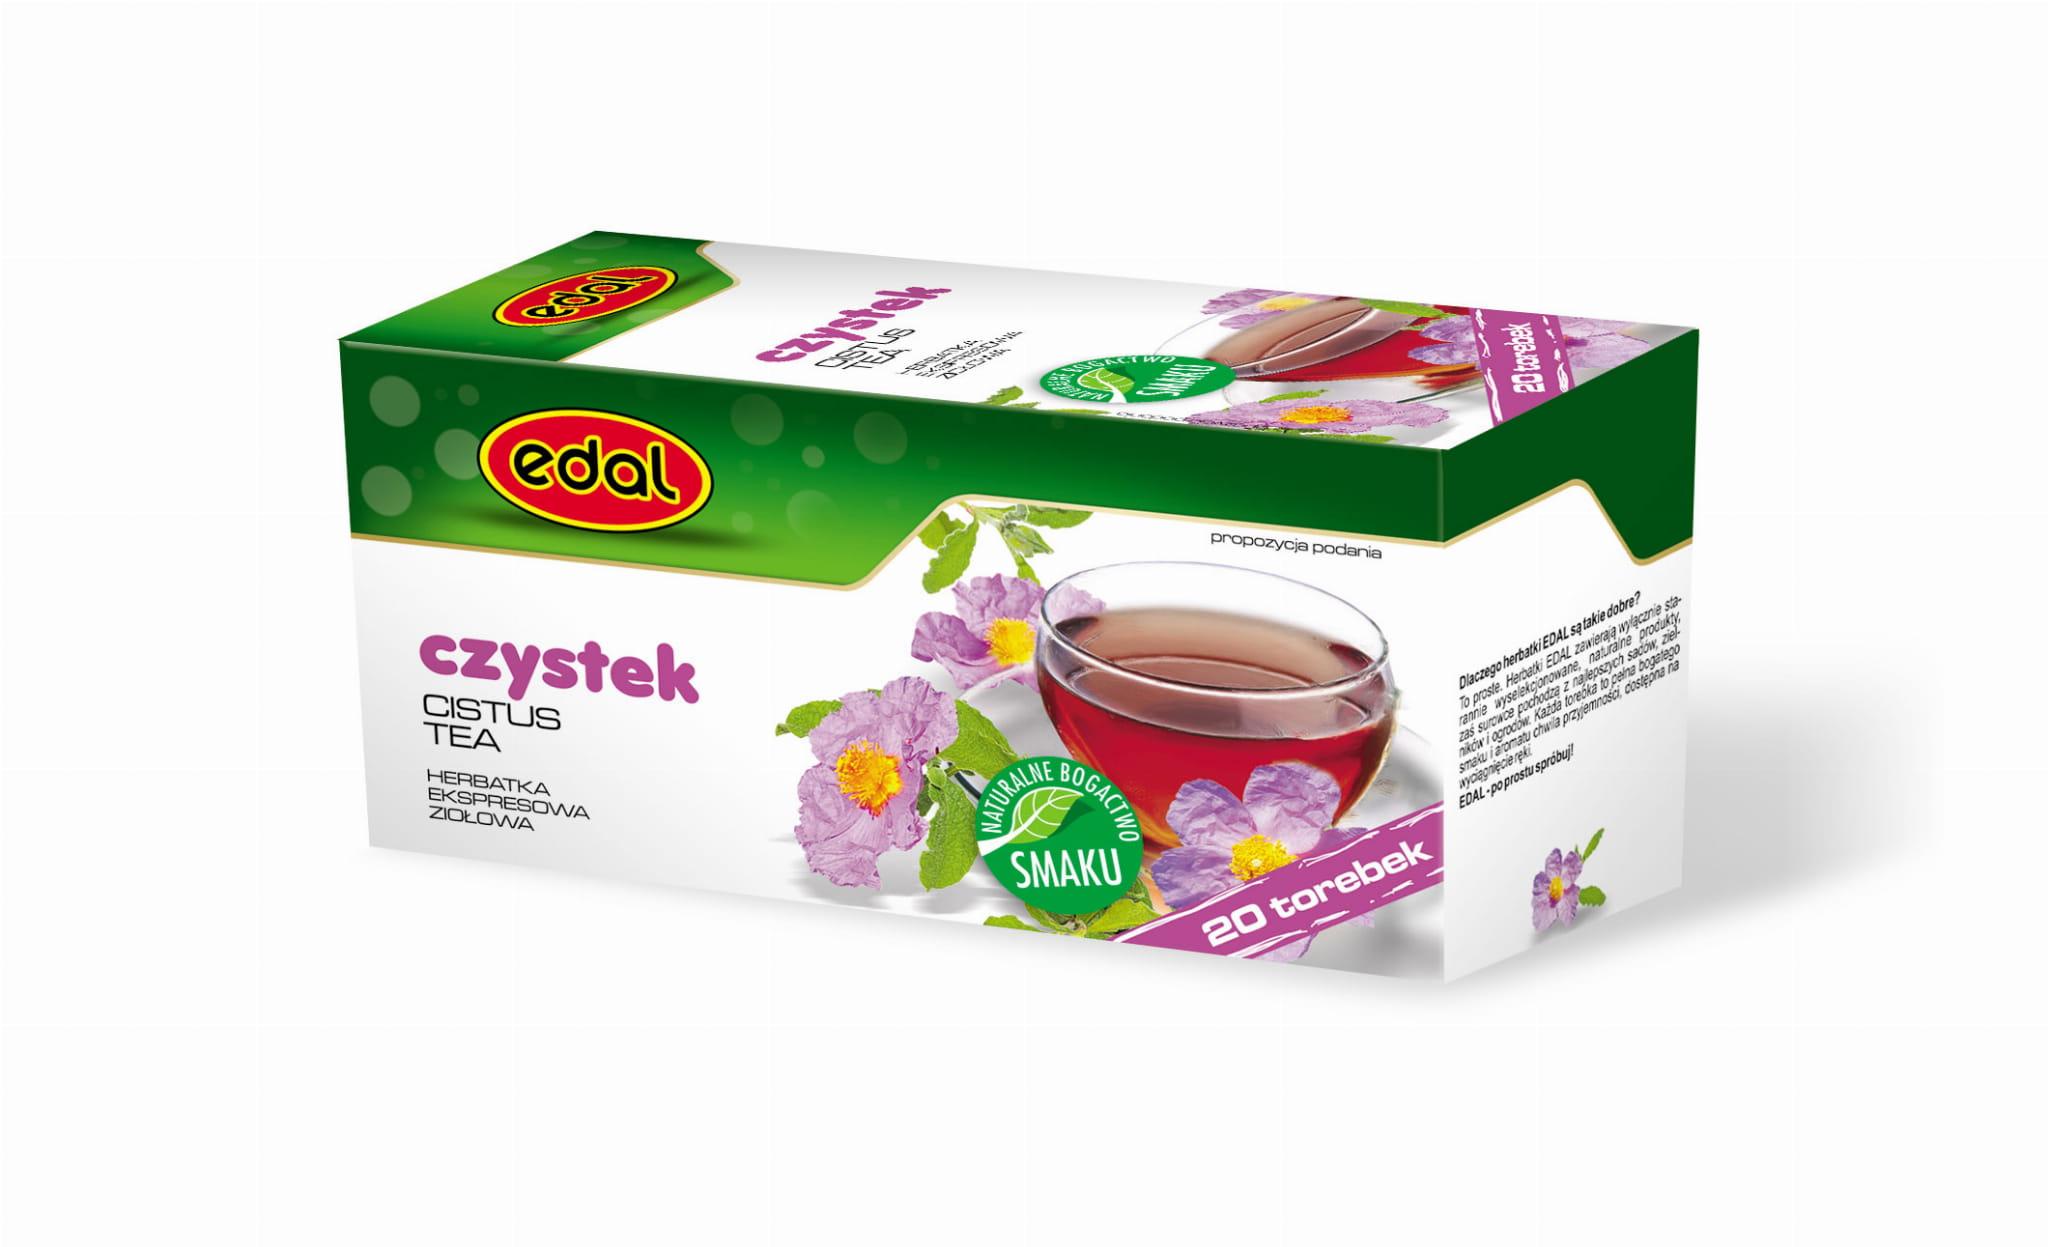 Herbatka ekspresowa ziołowa Czystek 30 g Edal